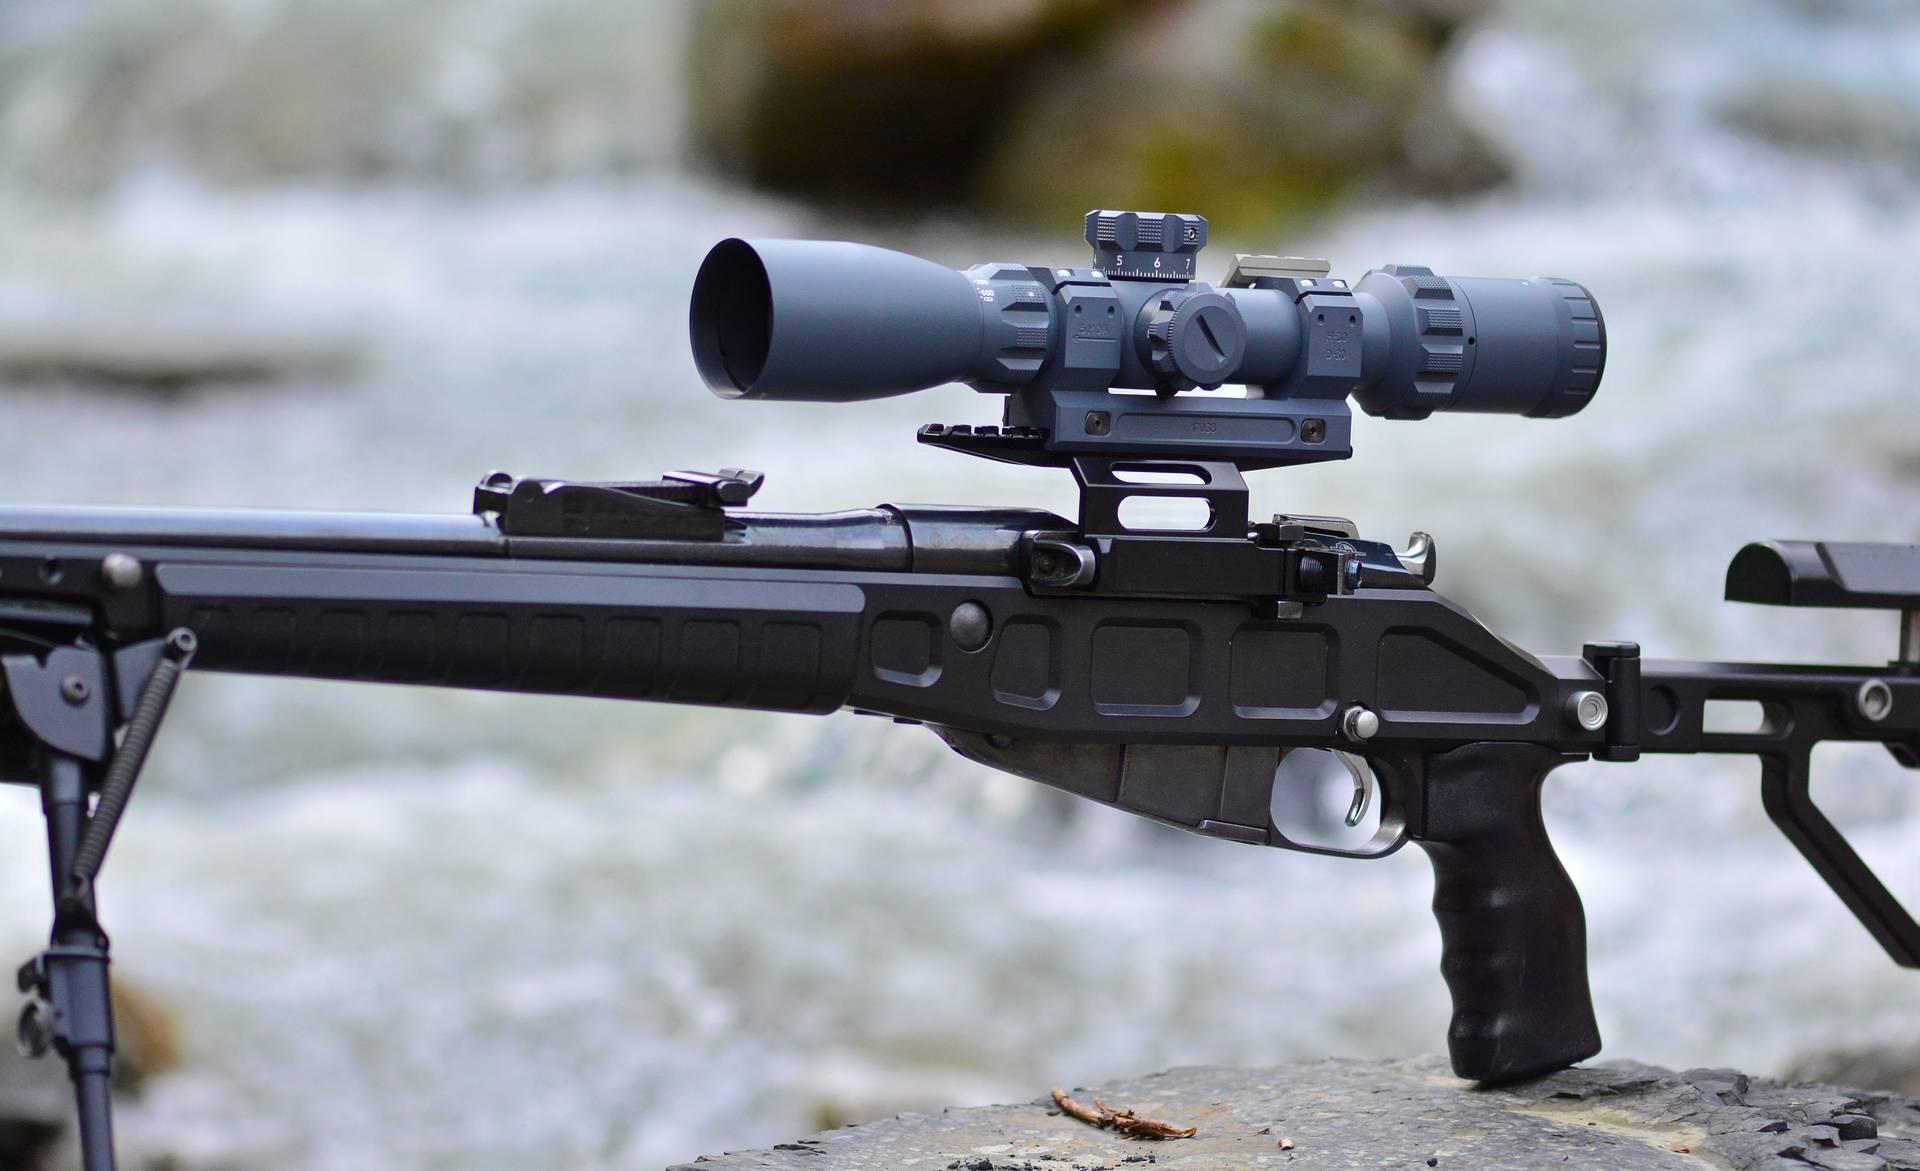 В России создали снайперский прицел для поражения цели на расстоянии до 1,5 км